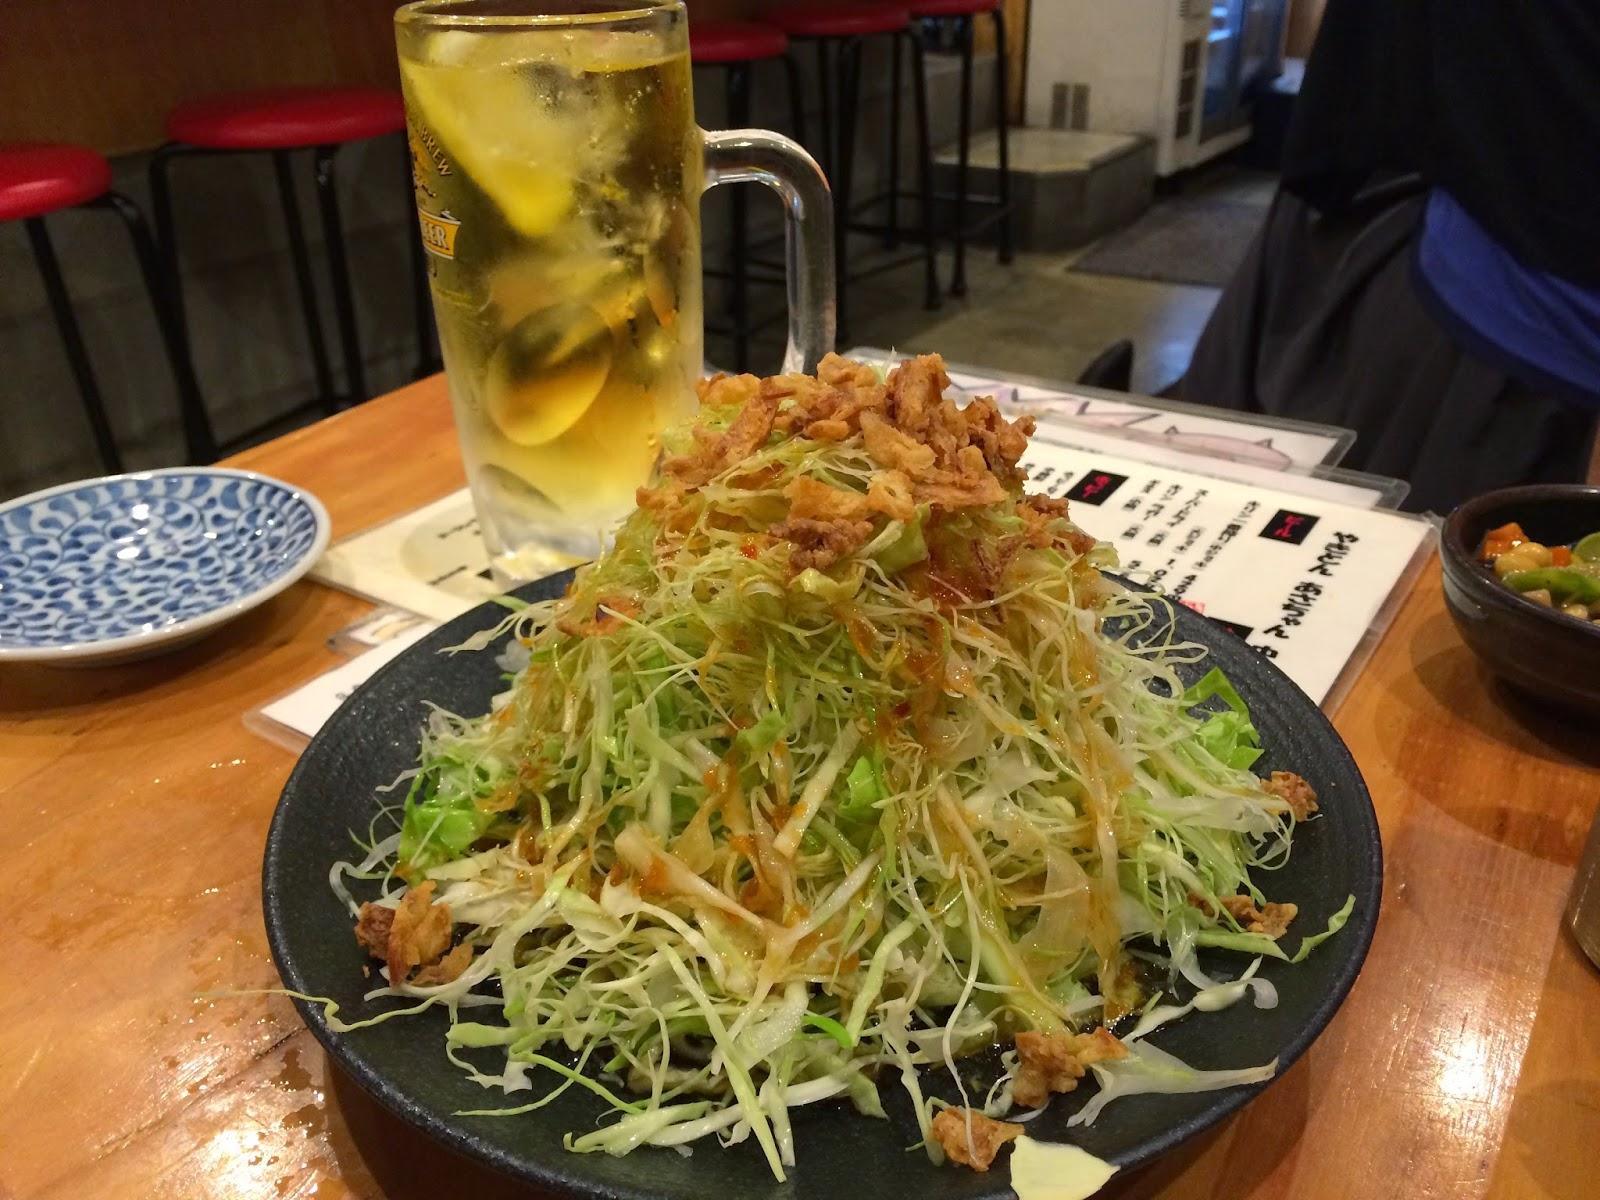 japan Japanese food tokyo izakaya appetizer cabbage